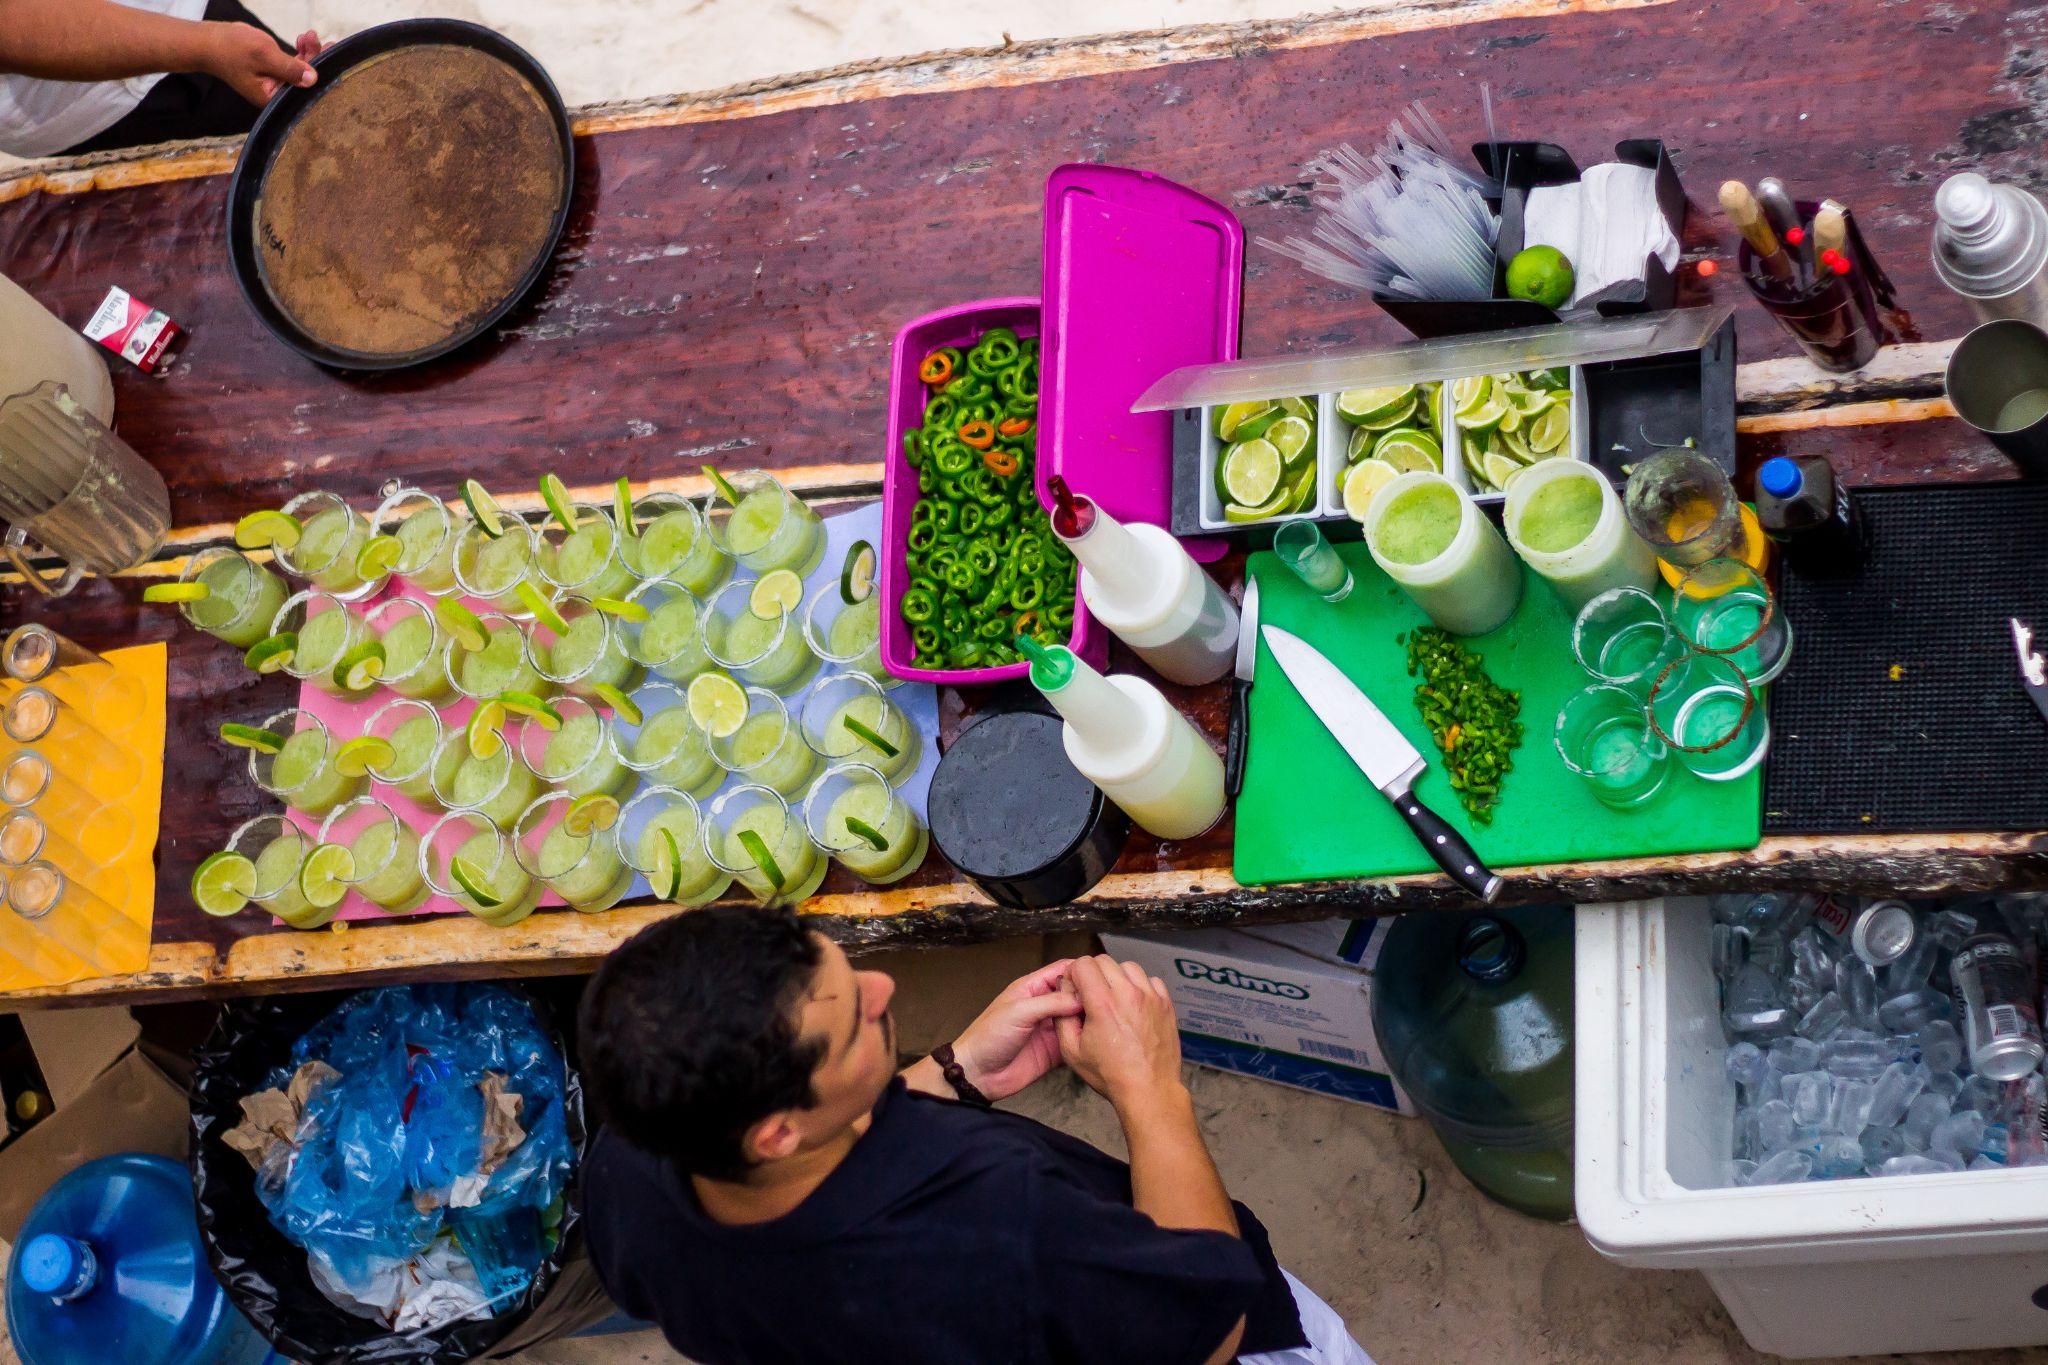 wedding photography, Quintana Roo México, Cuarto Azul photography, photo: Victoria Rojas ojas  by Victoria Rojas